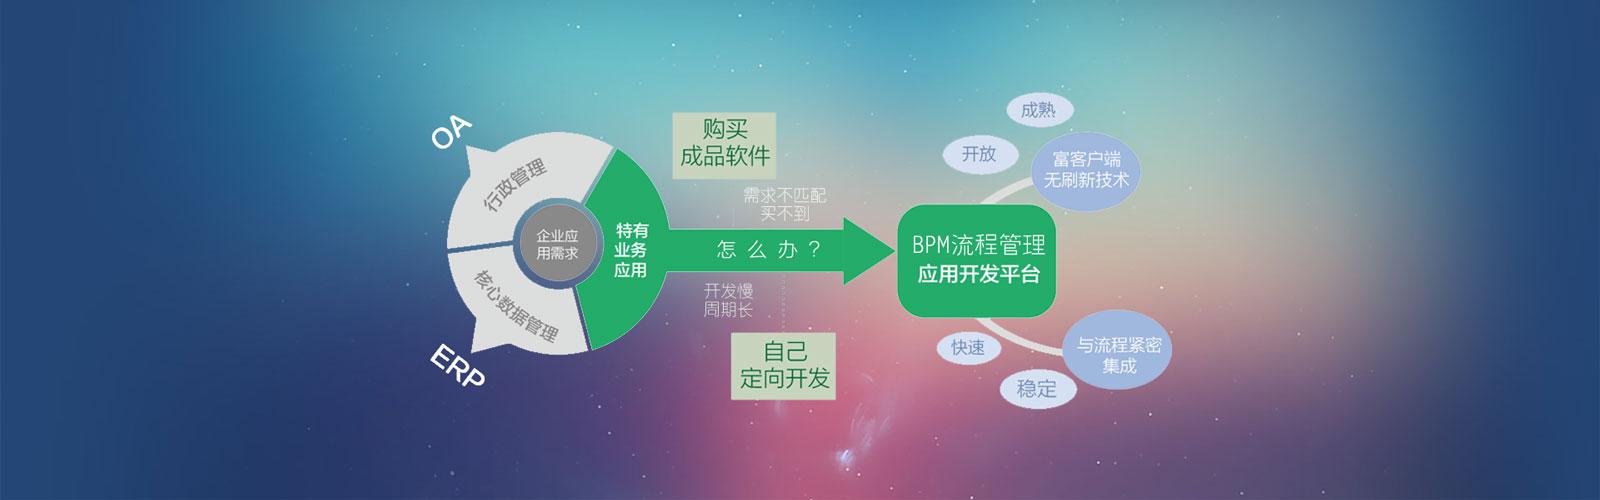 BPM 业务流程管理平台